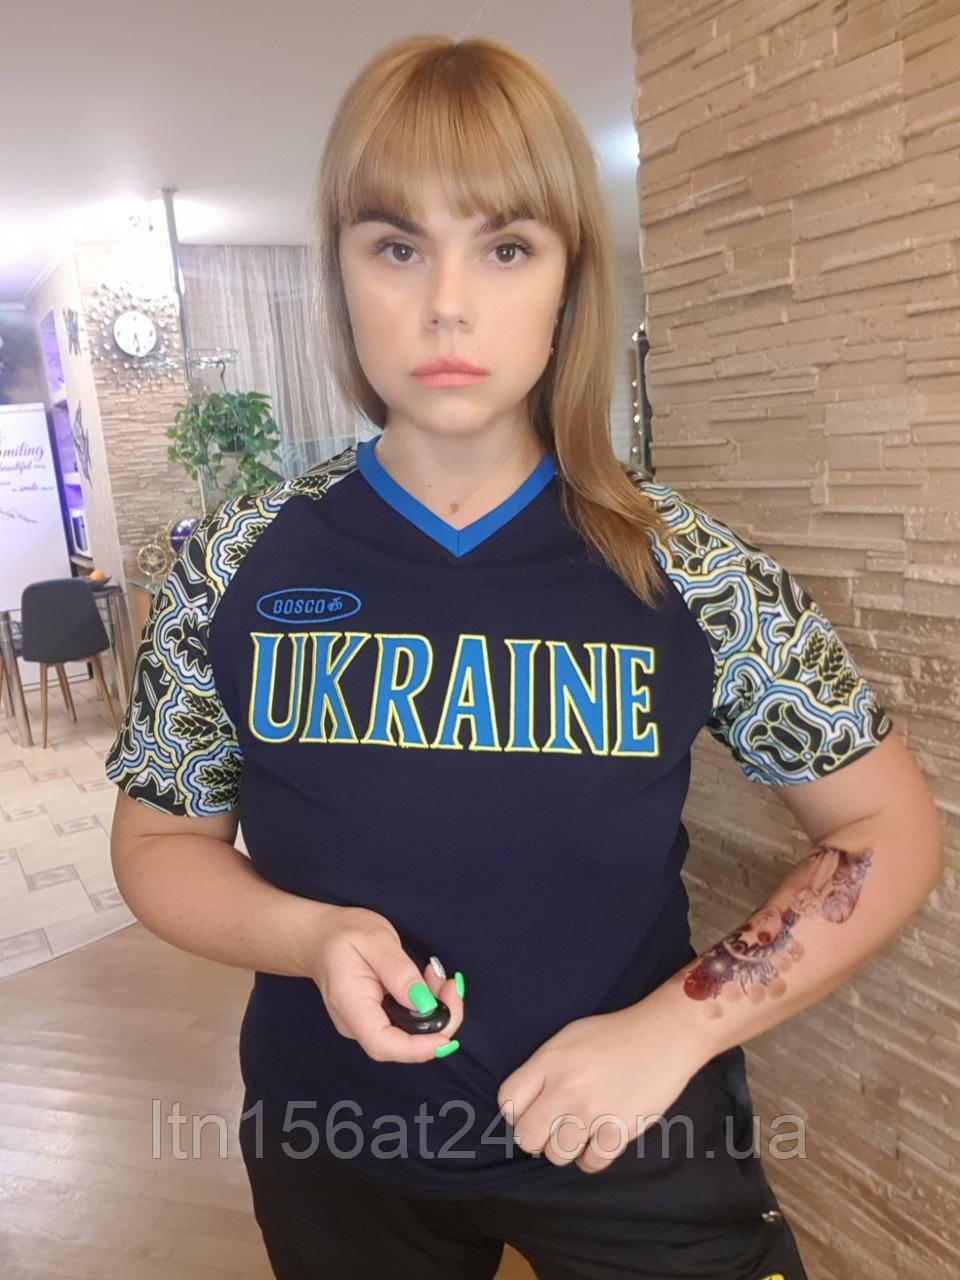 Женская футболка Bosco Sport ua  хлопок